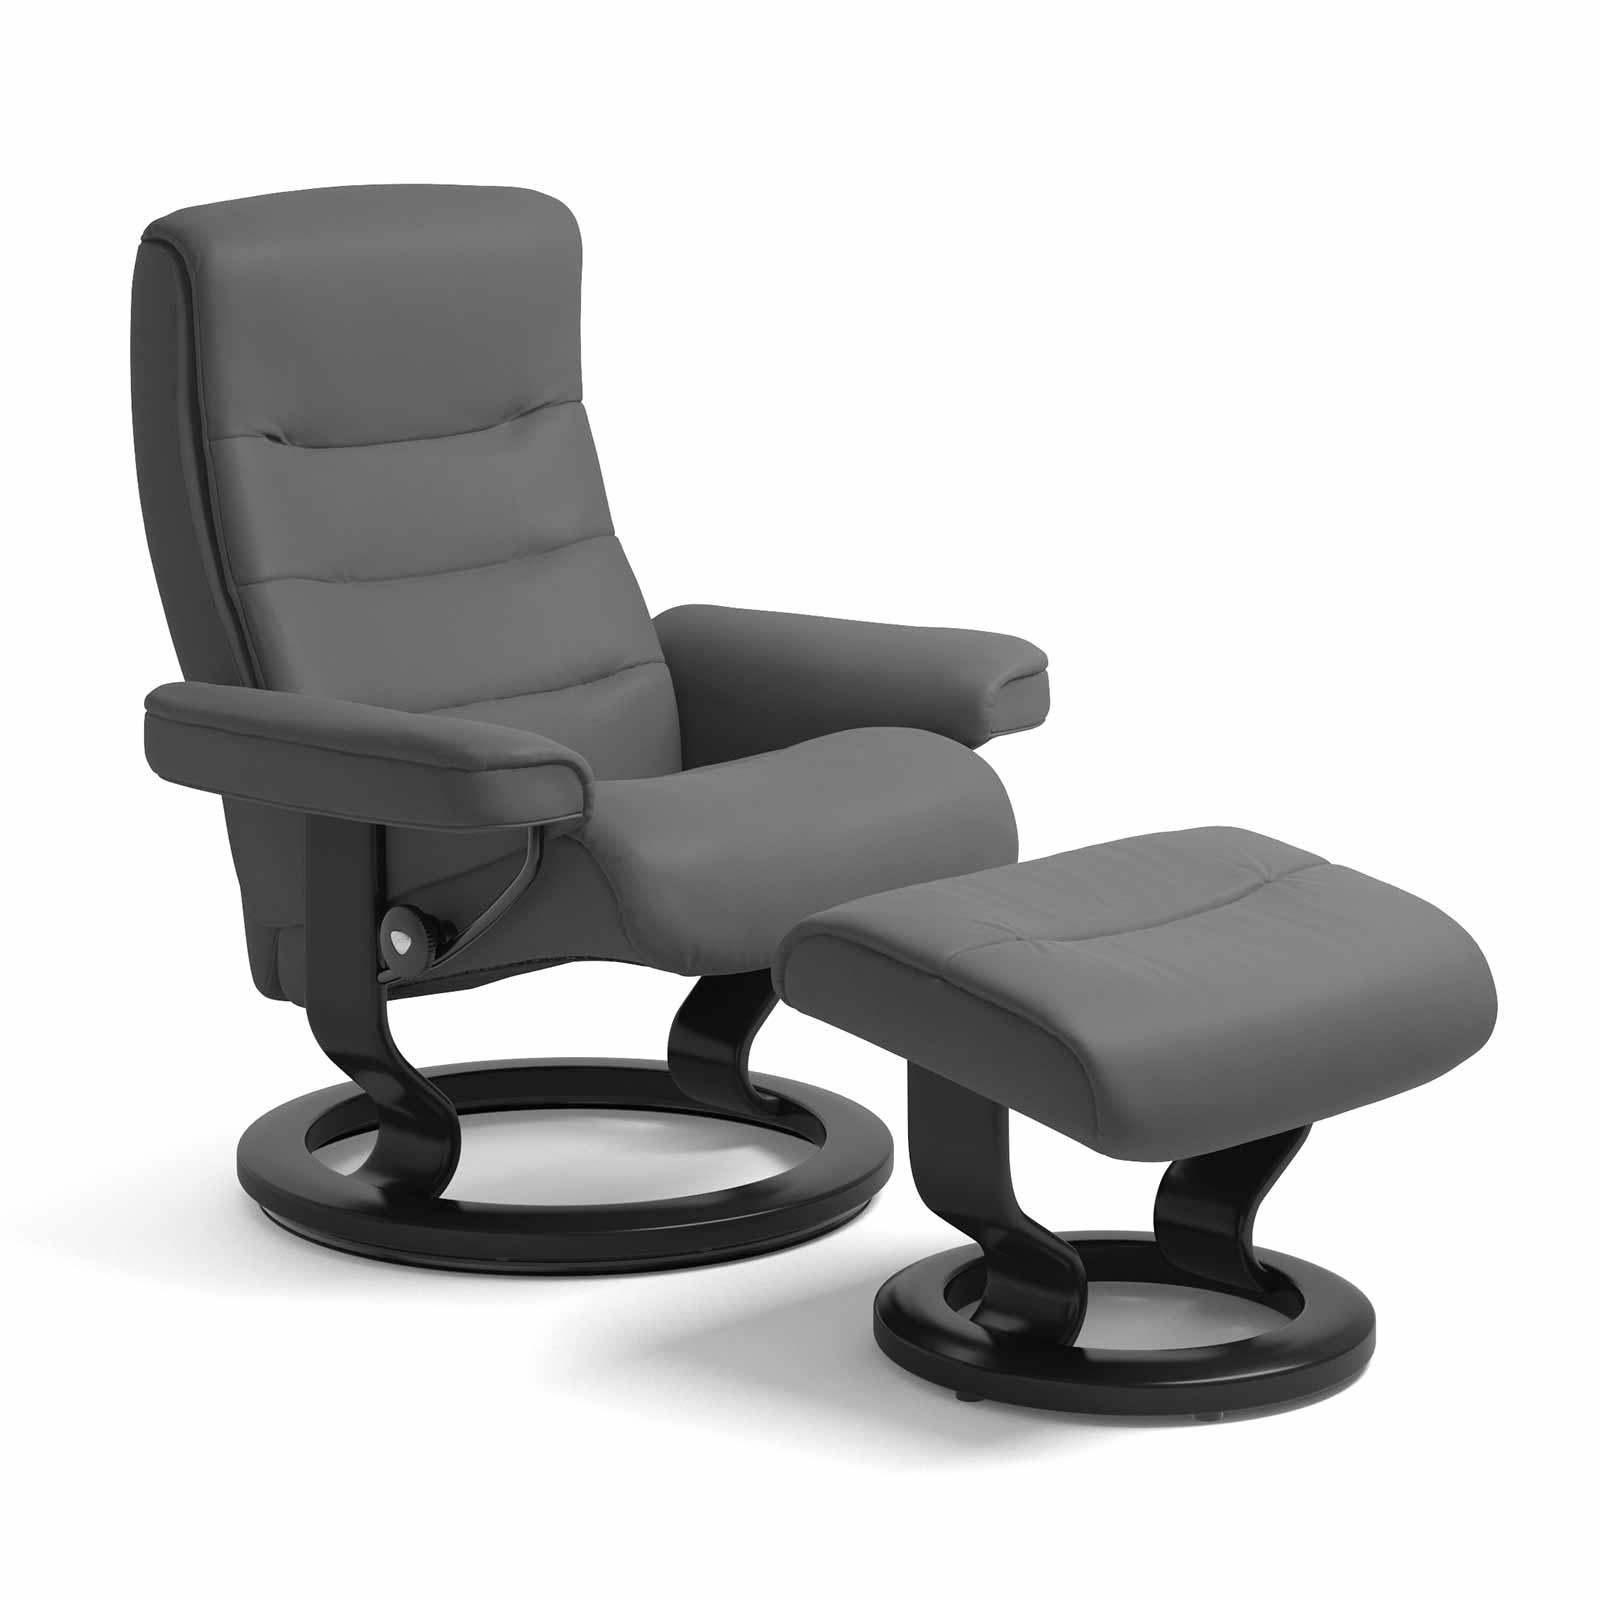 stressless sessel nordic batick grau mit hocker stressless. Black Bedroom Furniture Sets. Home Design Ideas